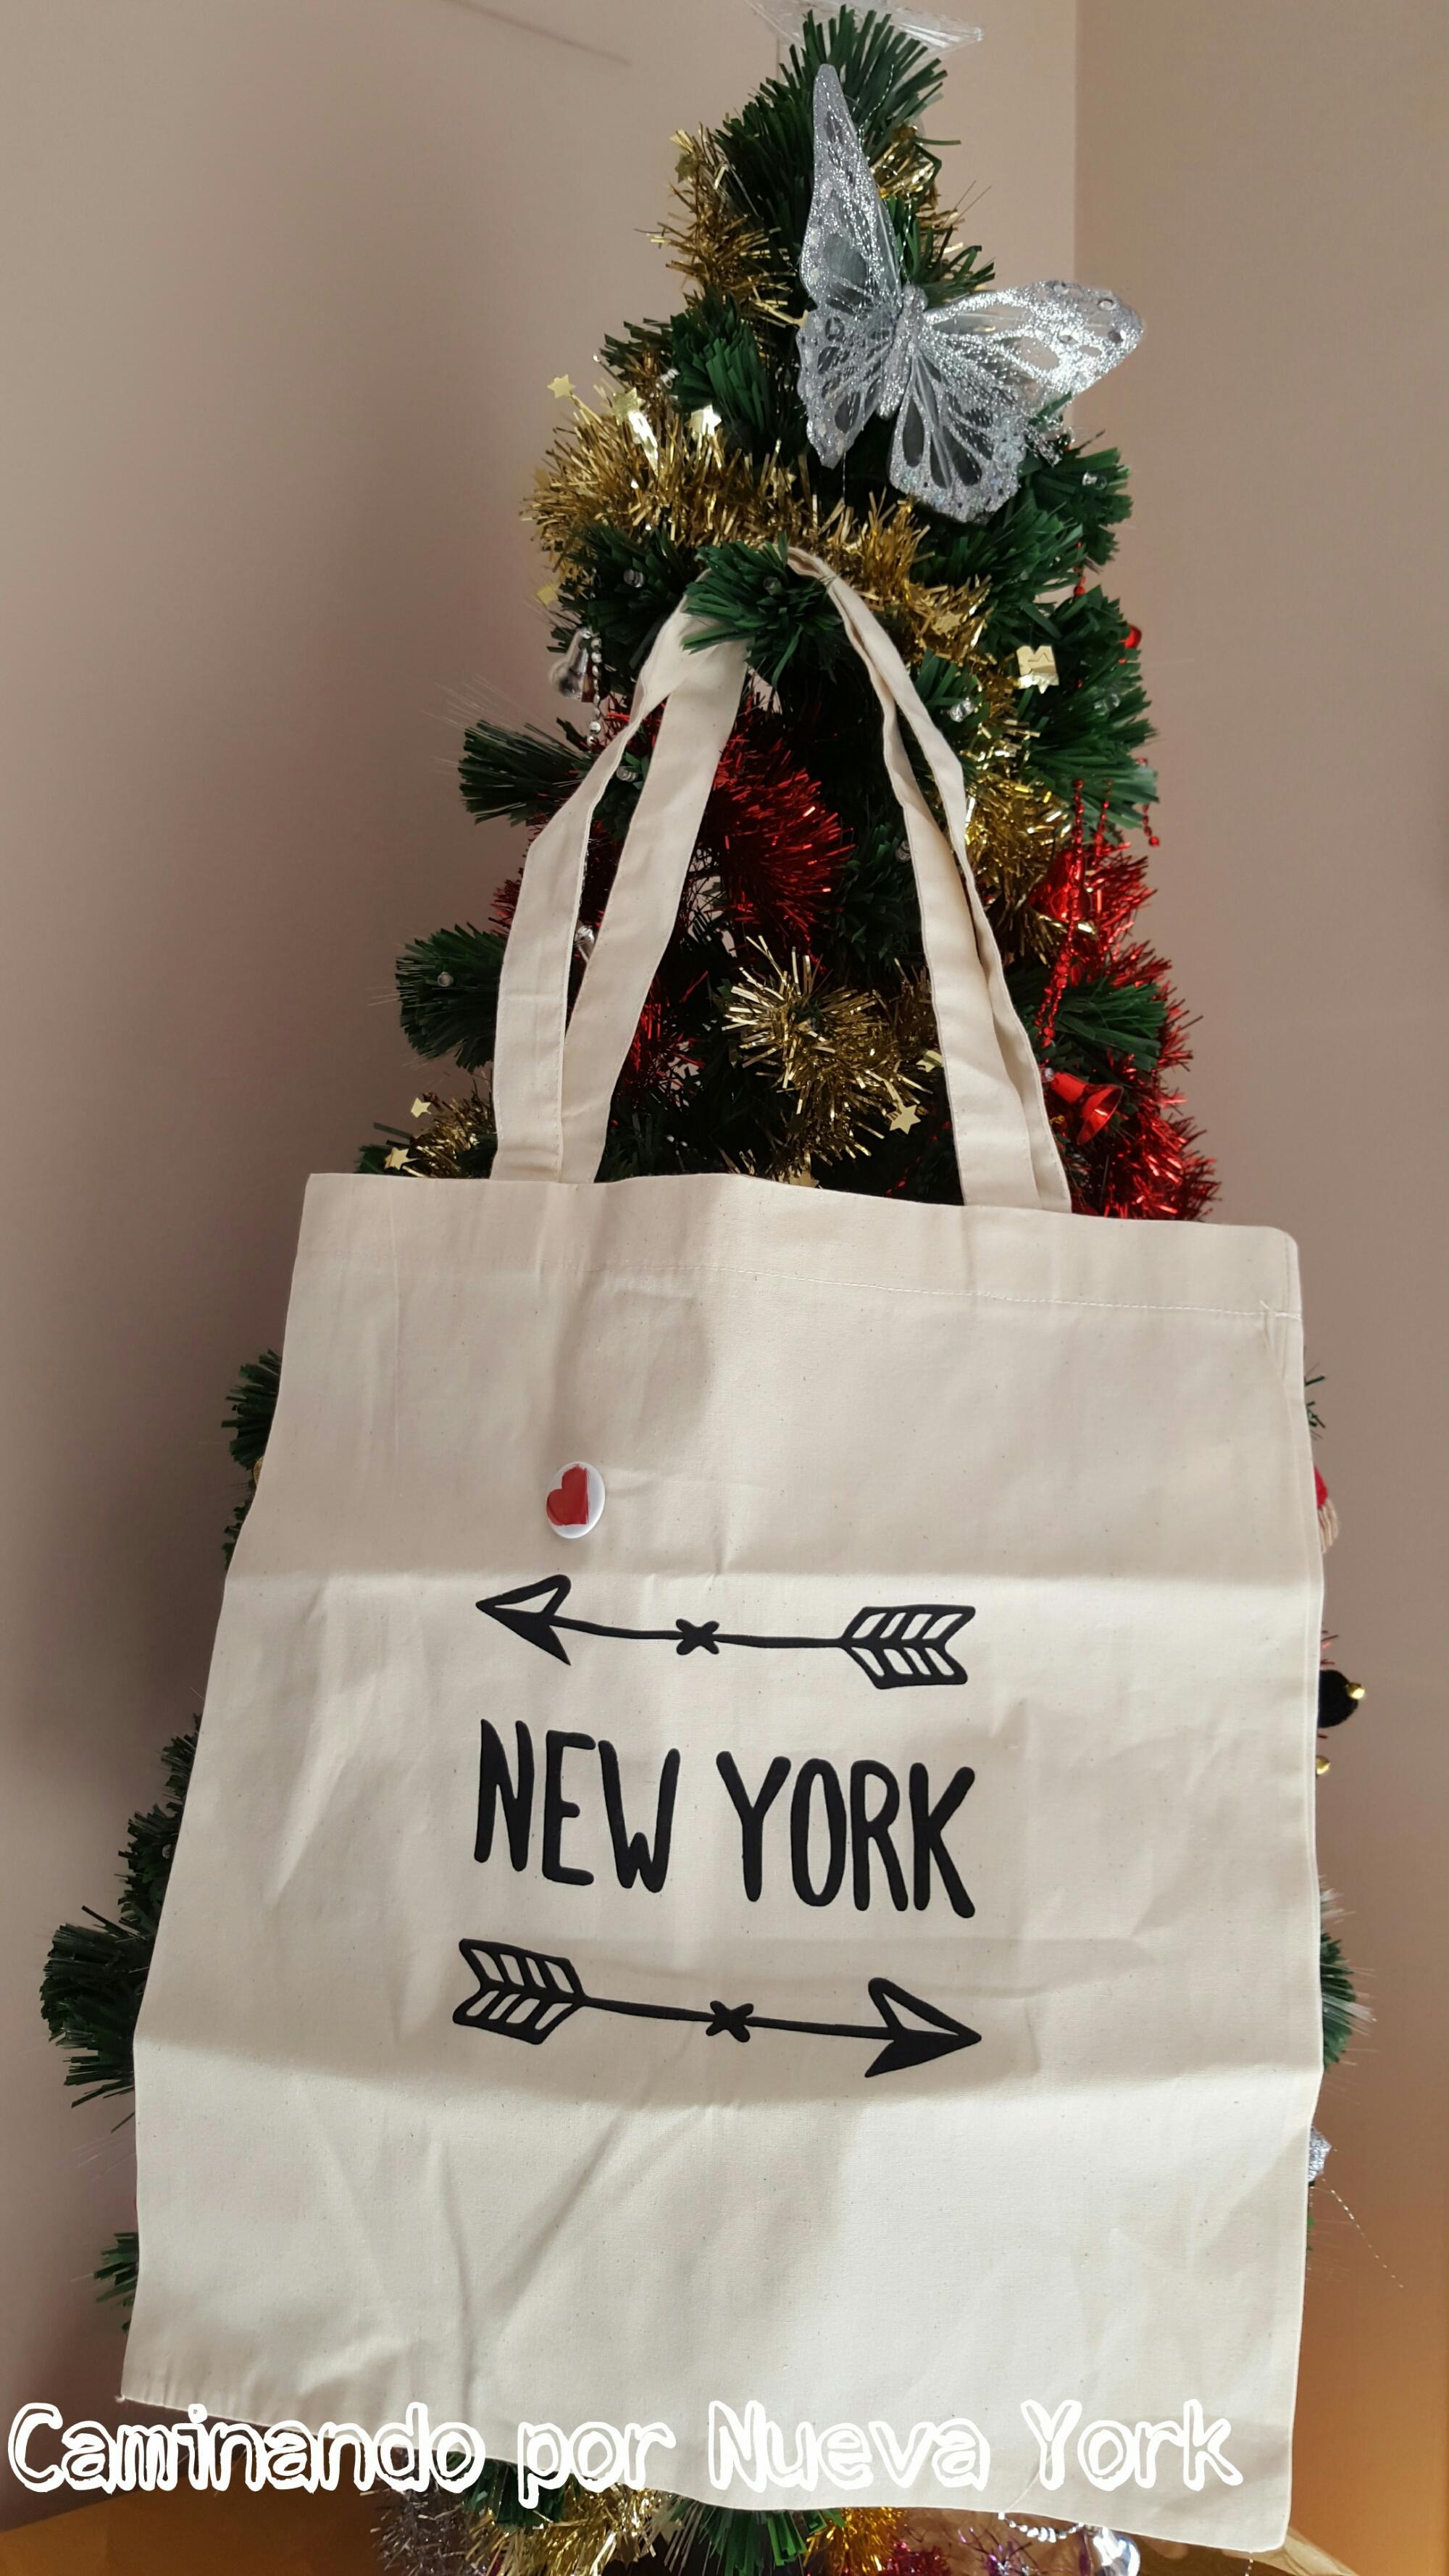 Compras neoyorquinas – Caminando por Nueva York